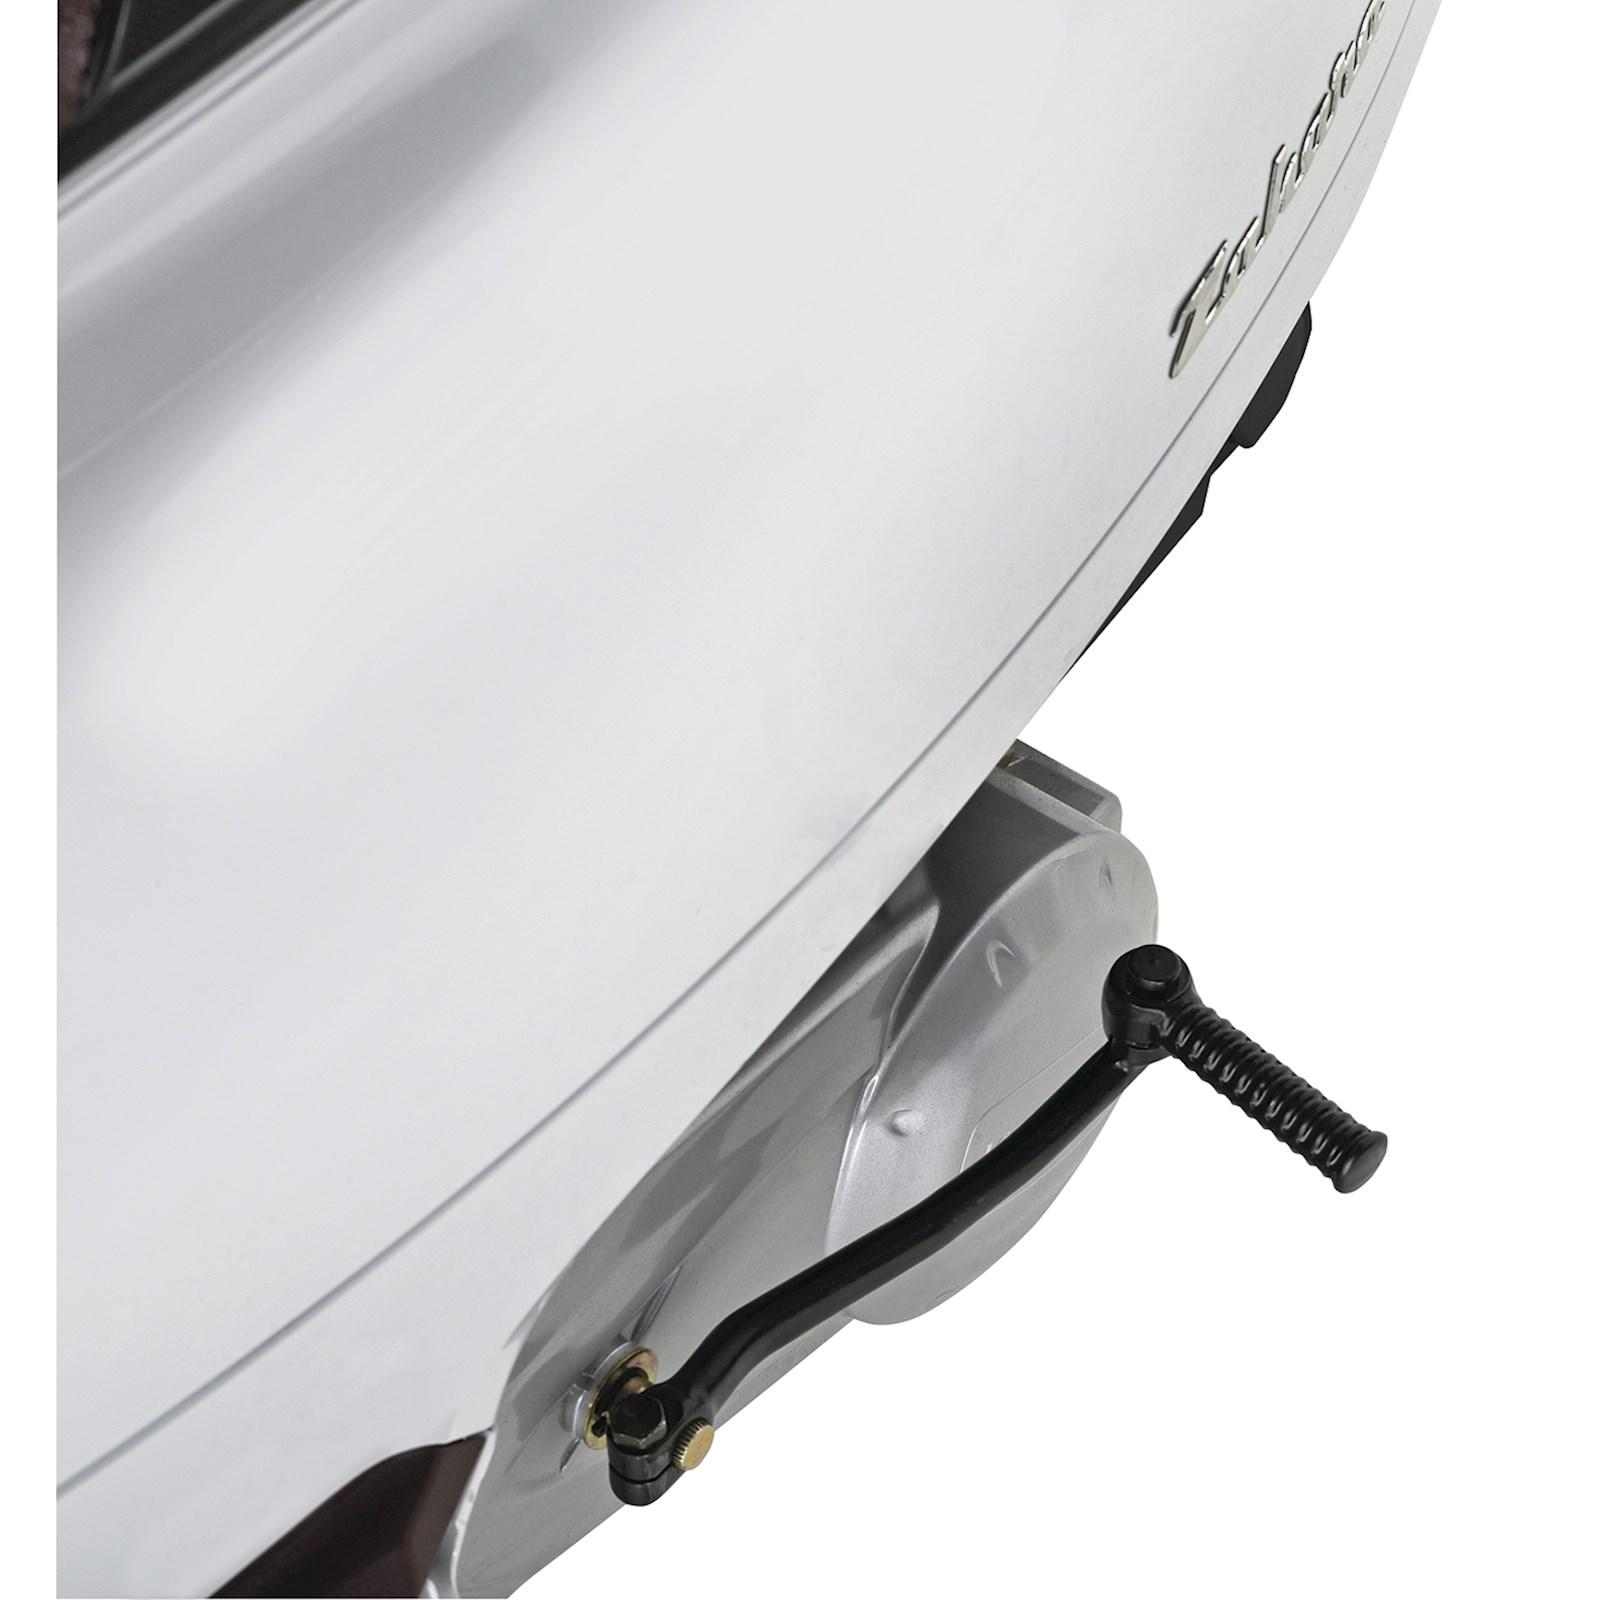 Weihnachtsdeko Bei Roller.Roller Vengo Zahara 125i Scooter Landi